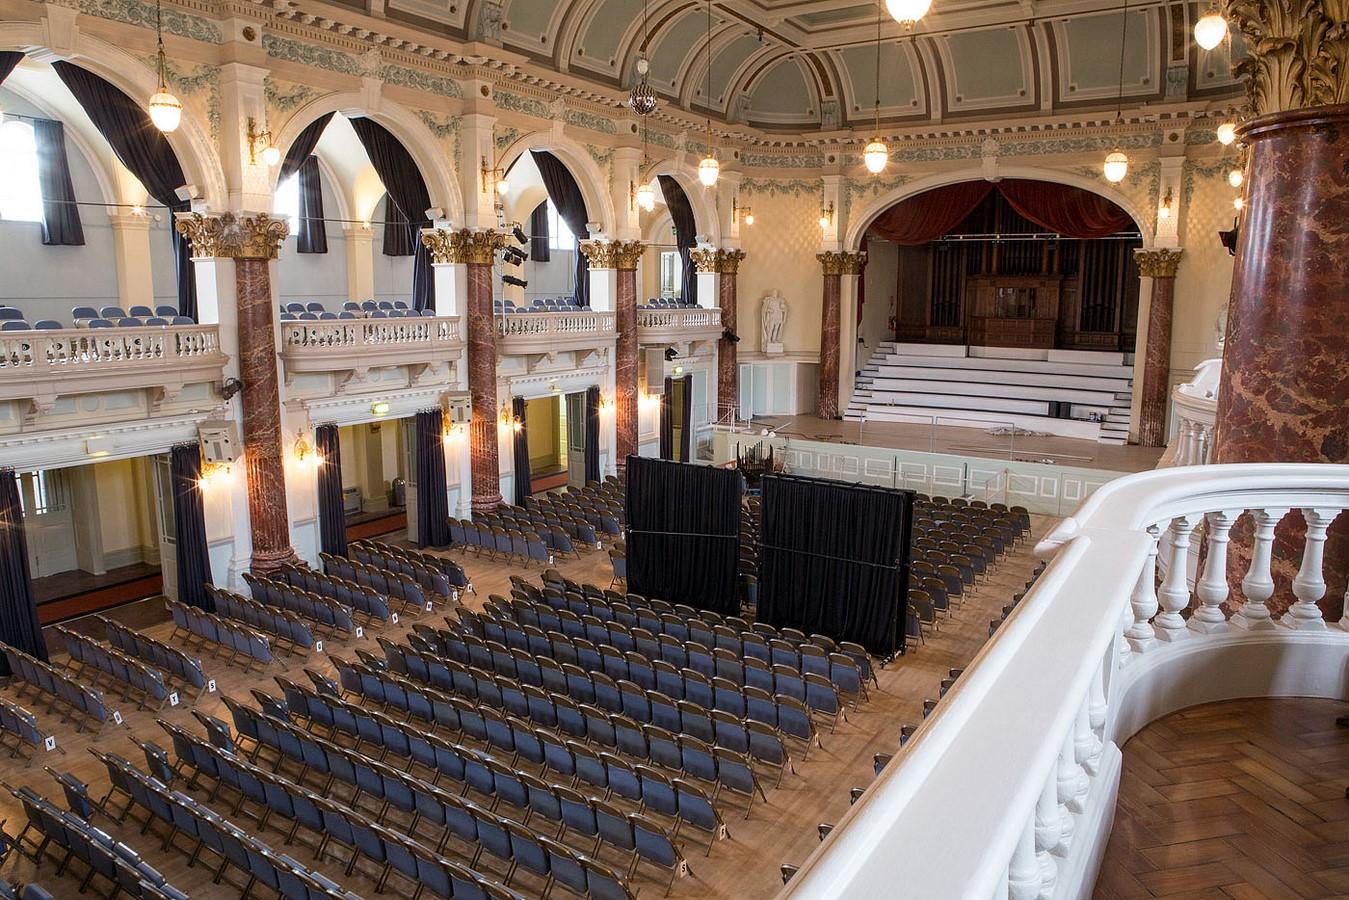 Cheltenham town hall - Sheet2